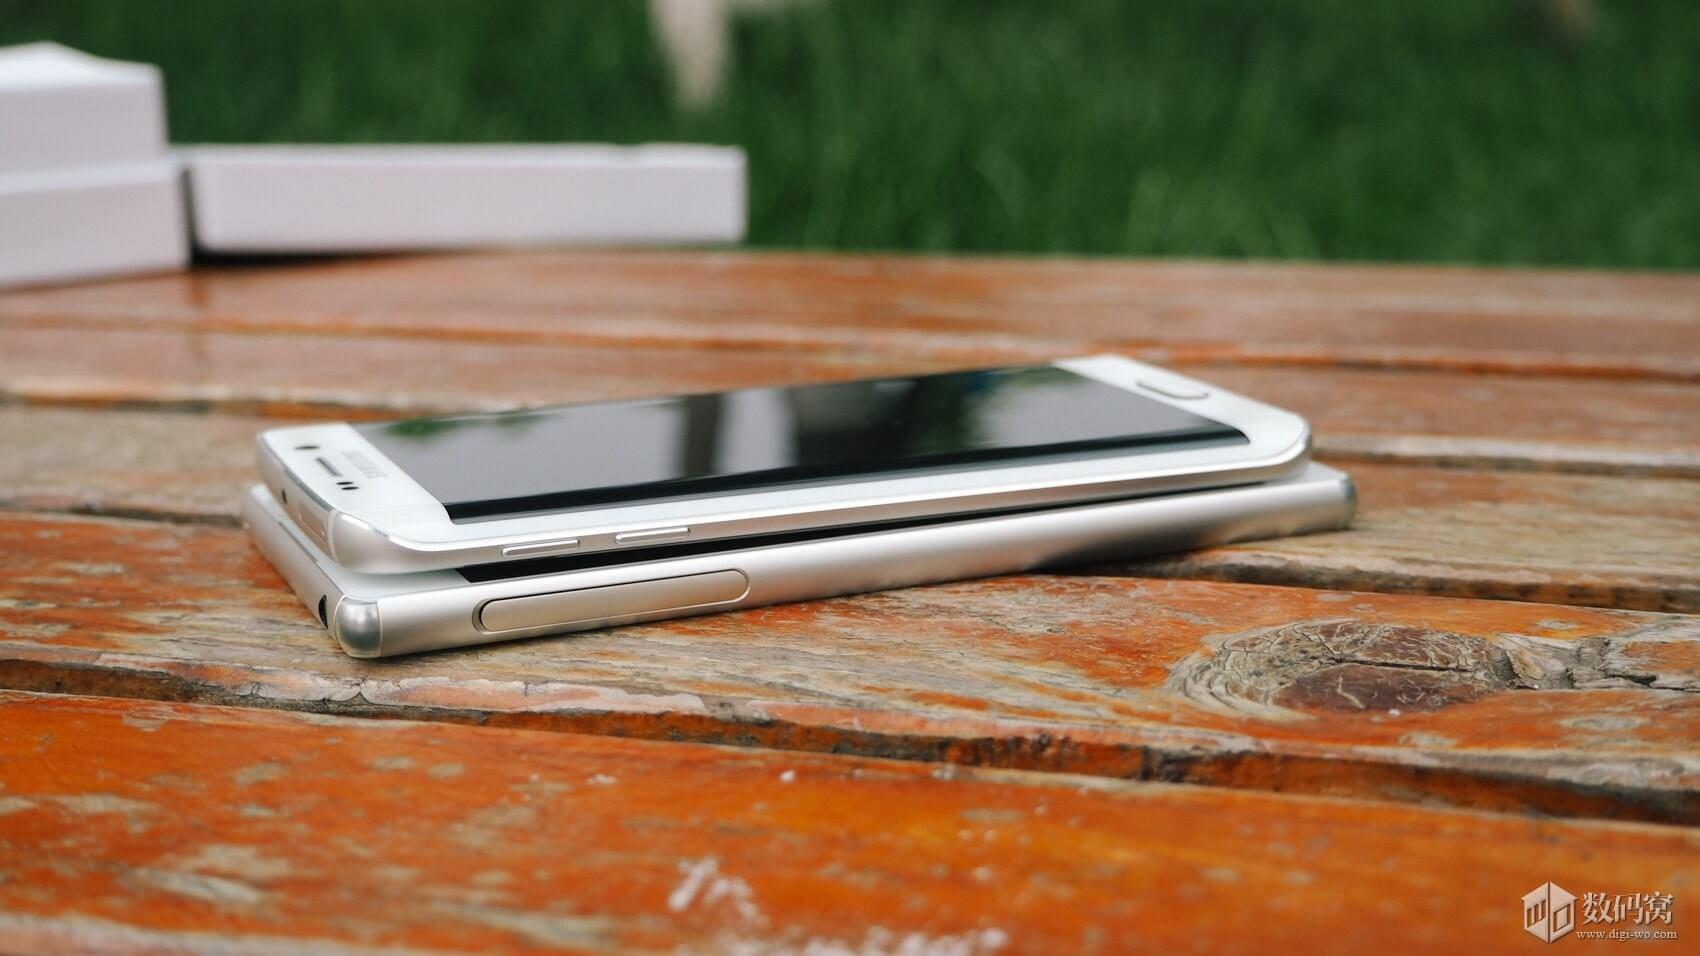 Galaxy S6 Edge vs Xperia Z3+ hands on